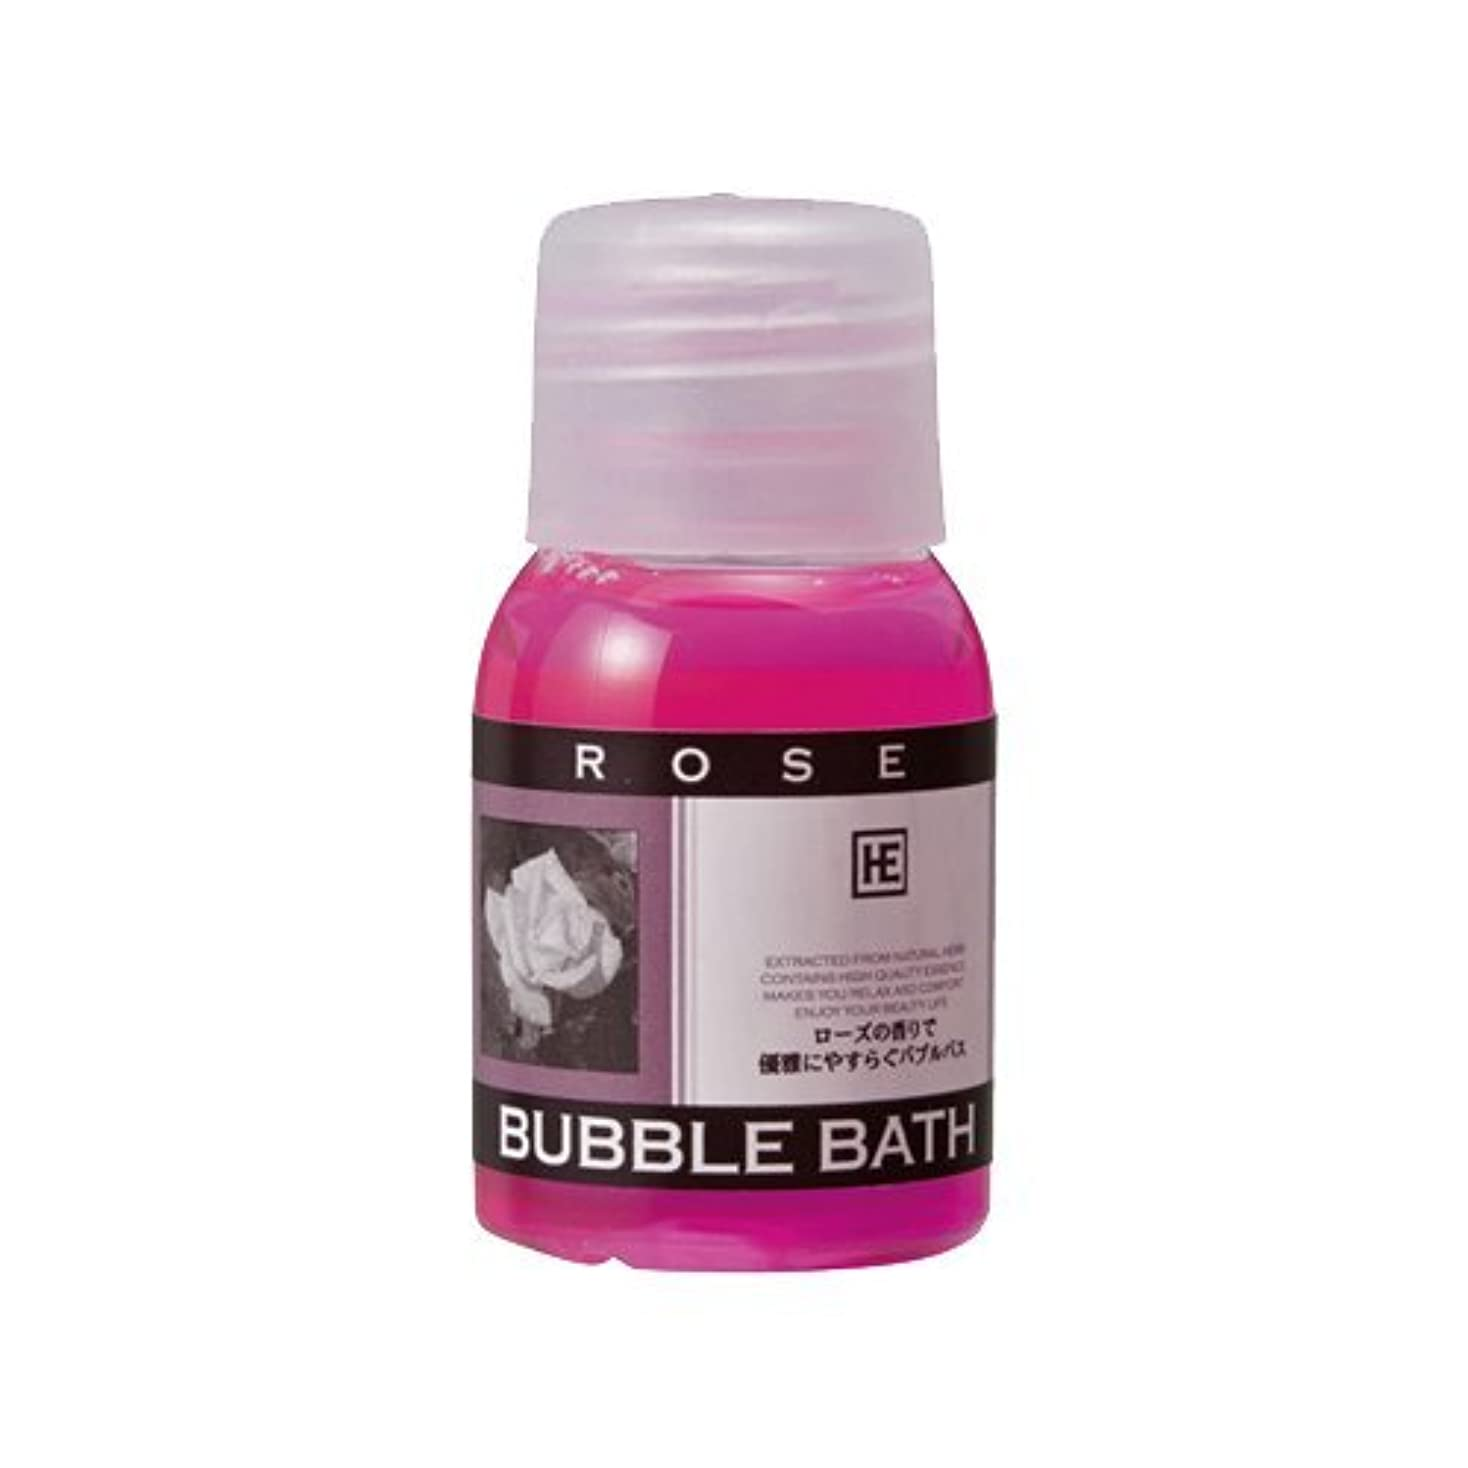 限定リアル教えるハーバルエクストラ バブルバス ミニボトル ローズの香り - ホテルアメニティ 業務用 発泡入浴剤 (BUBBLE BATH)